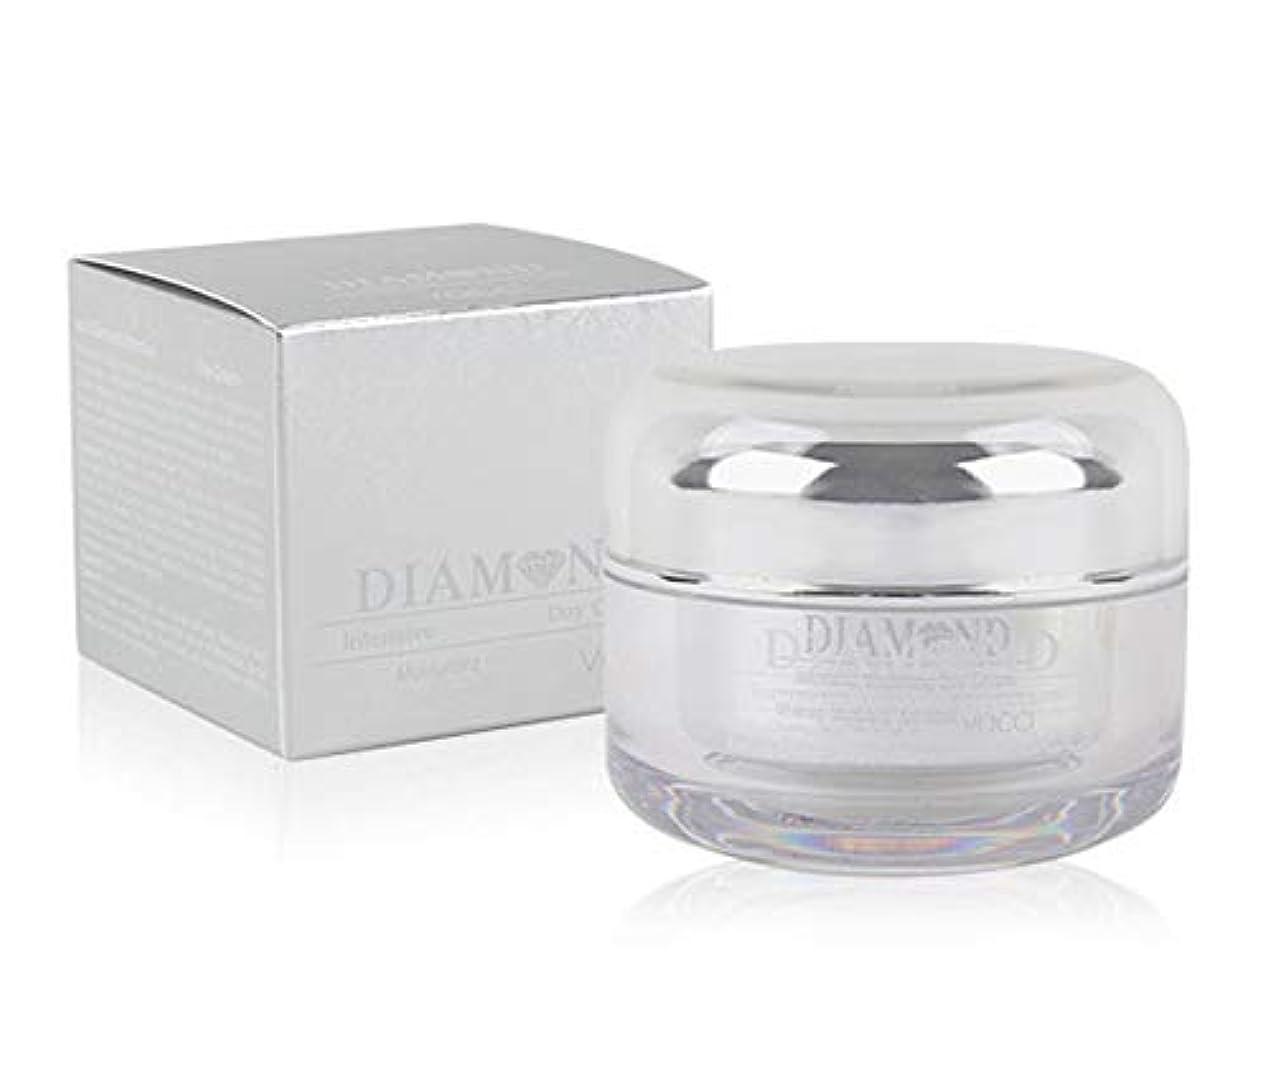 忘れっぽい啓発する救い[vacci] ダイヤモンドインテンシブホワイトニングデイクリーム50ml / Diamond Intensive Whitening Day Cream 50ml / モイスチャライジング、SPF 35 ++ PA ++、ファーミングリフティング/韓国化粧品 / Moisturizing, SPF 35++PA++, Firming Lifting / Korean Cosmetics [並行輸入品]